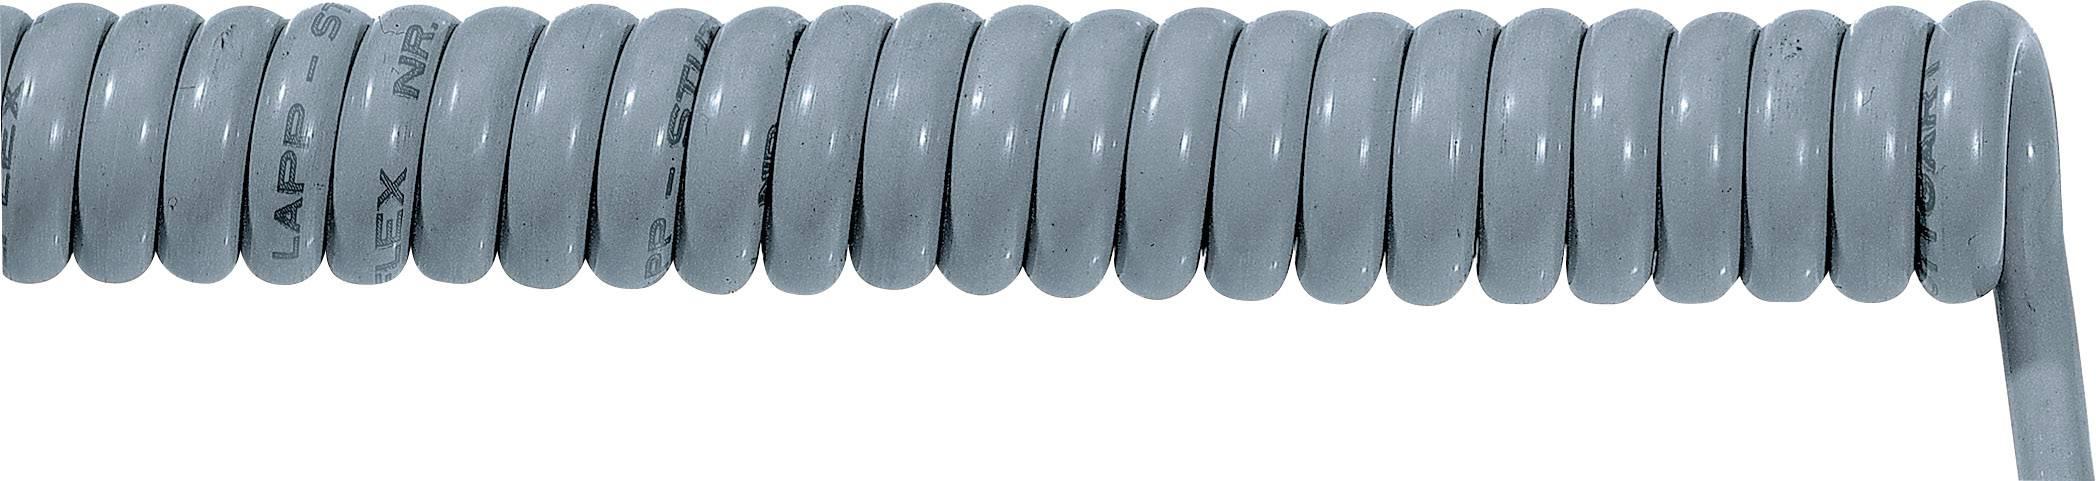 Špirálový kábel 70002690 ÖLFLEX® SPIRAL 400 P 3 x 1.50 mm², 2000 mm / 6000 mm, sivá